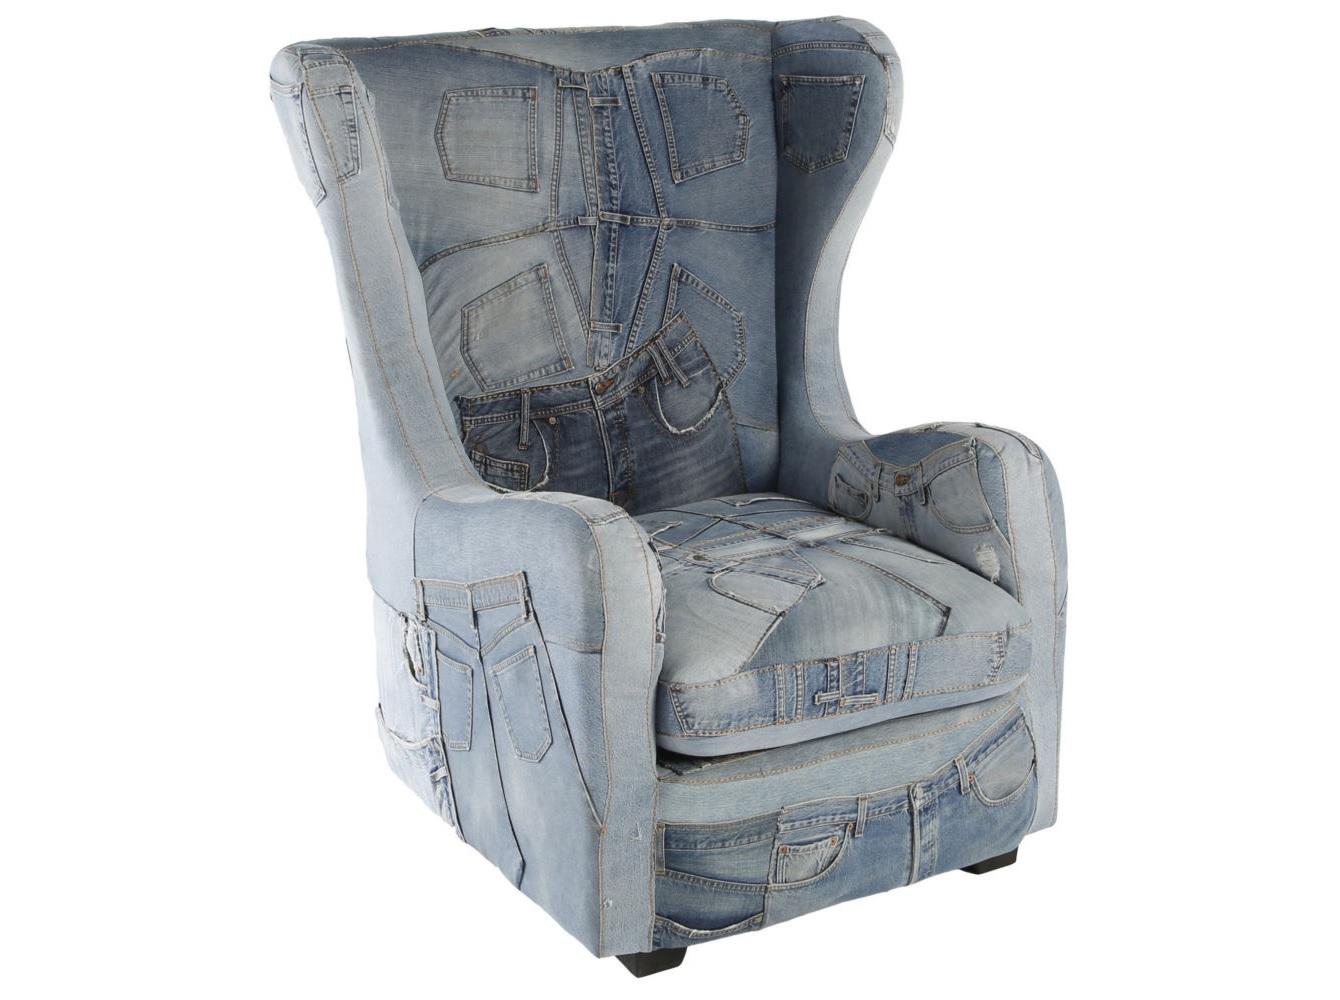 Кресло WingКресла с высокой спинкой<br><br><br>Material: Джинса<br>Ширина см: 97<br>Высота см: 117<br>Глубина см: 95